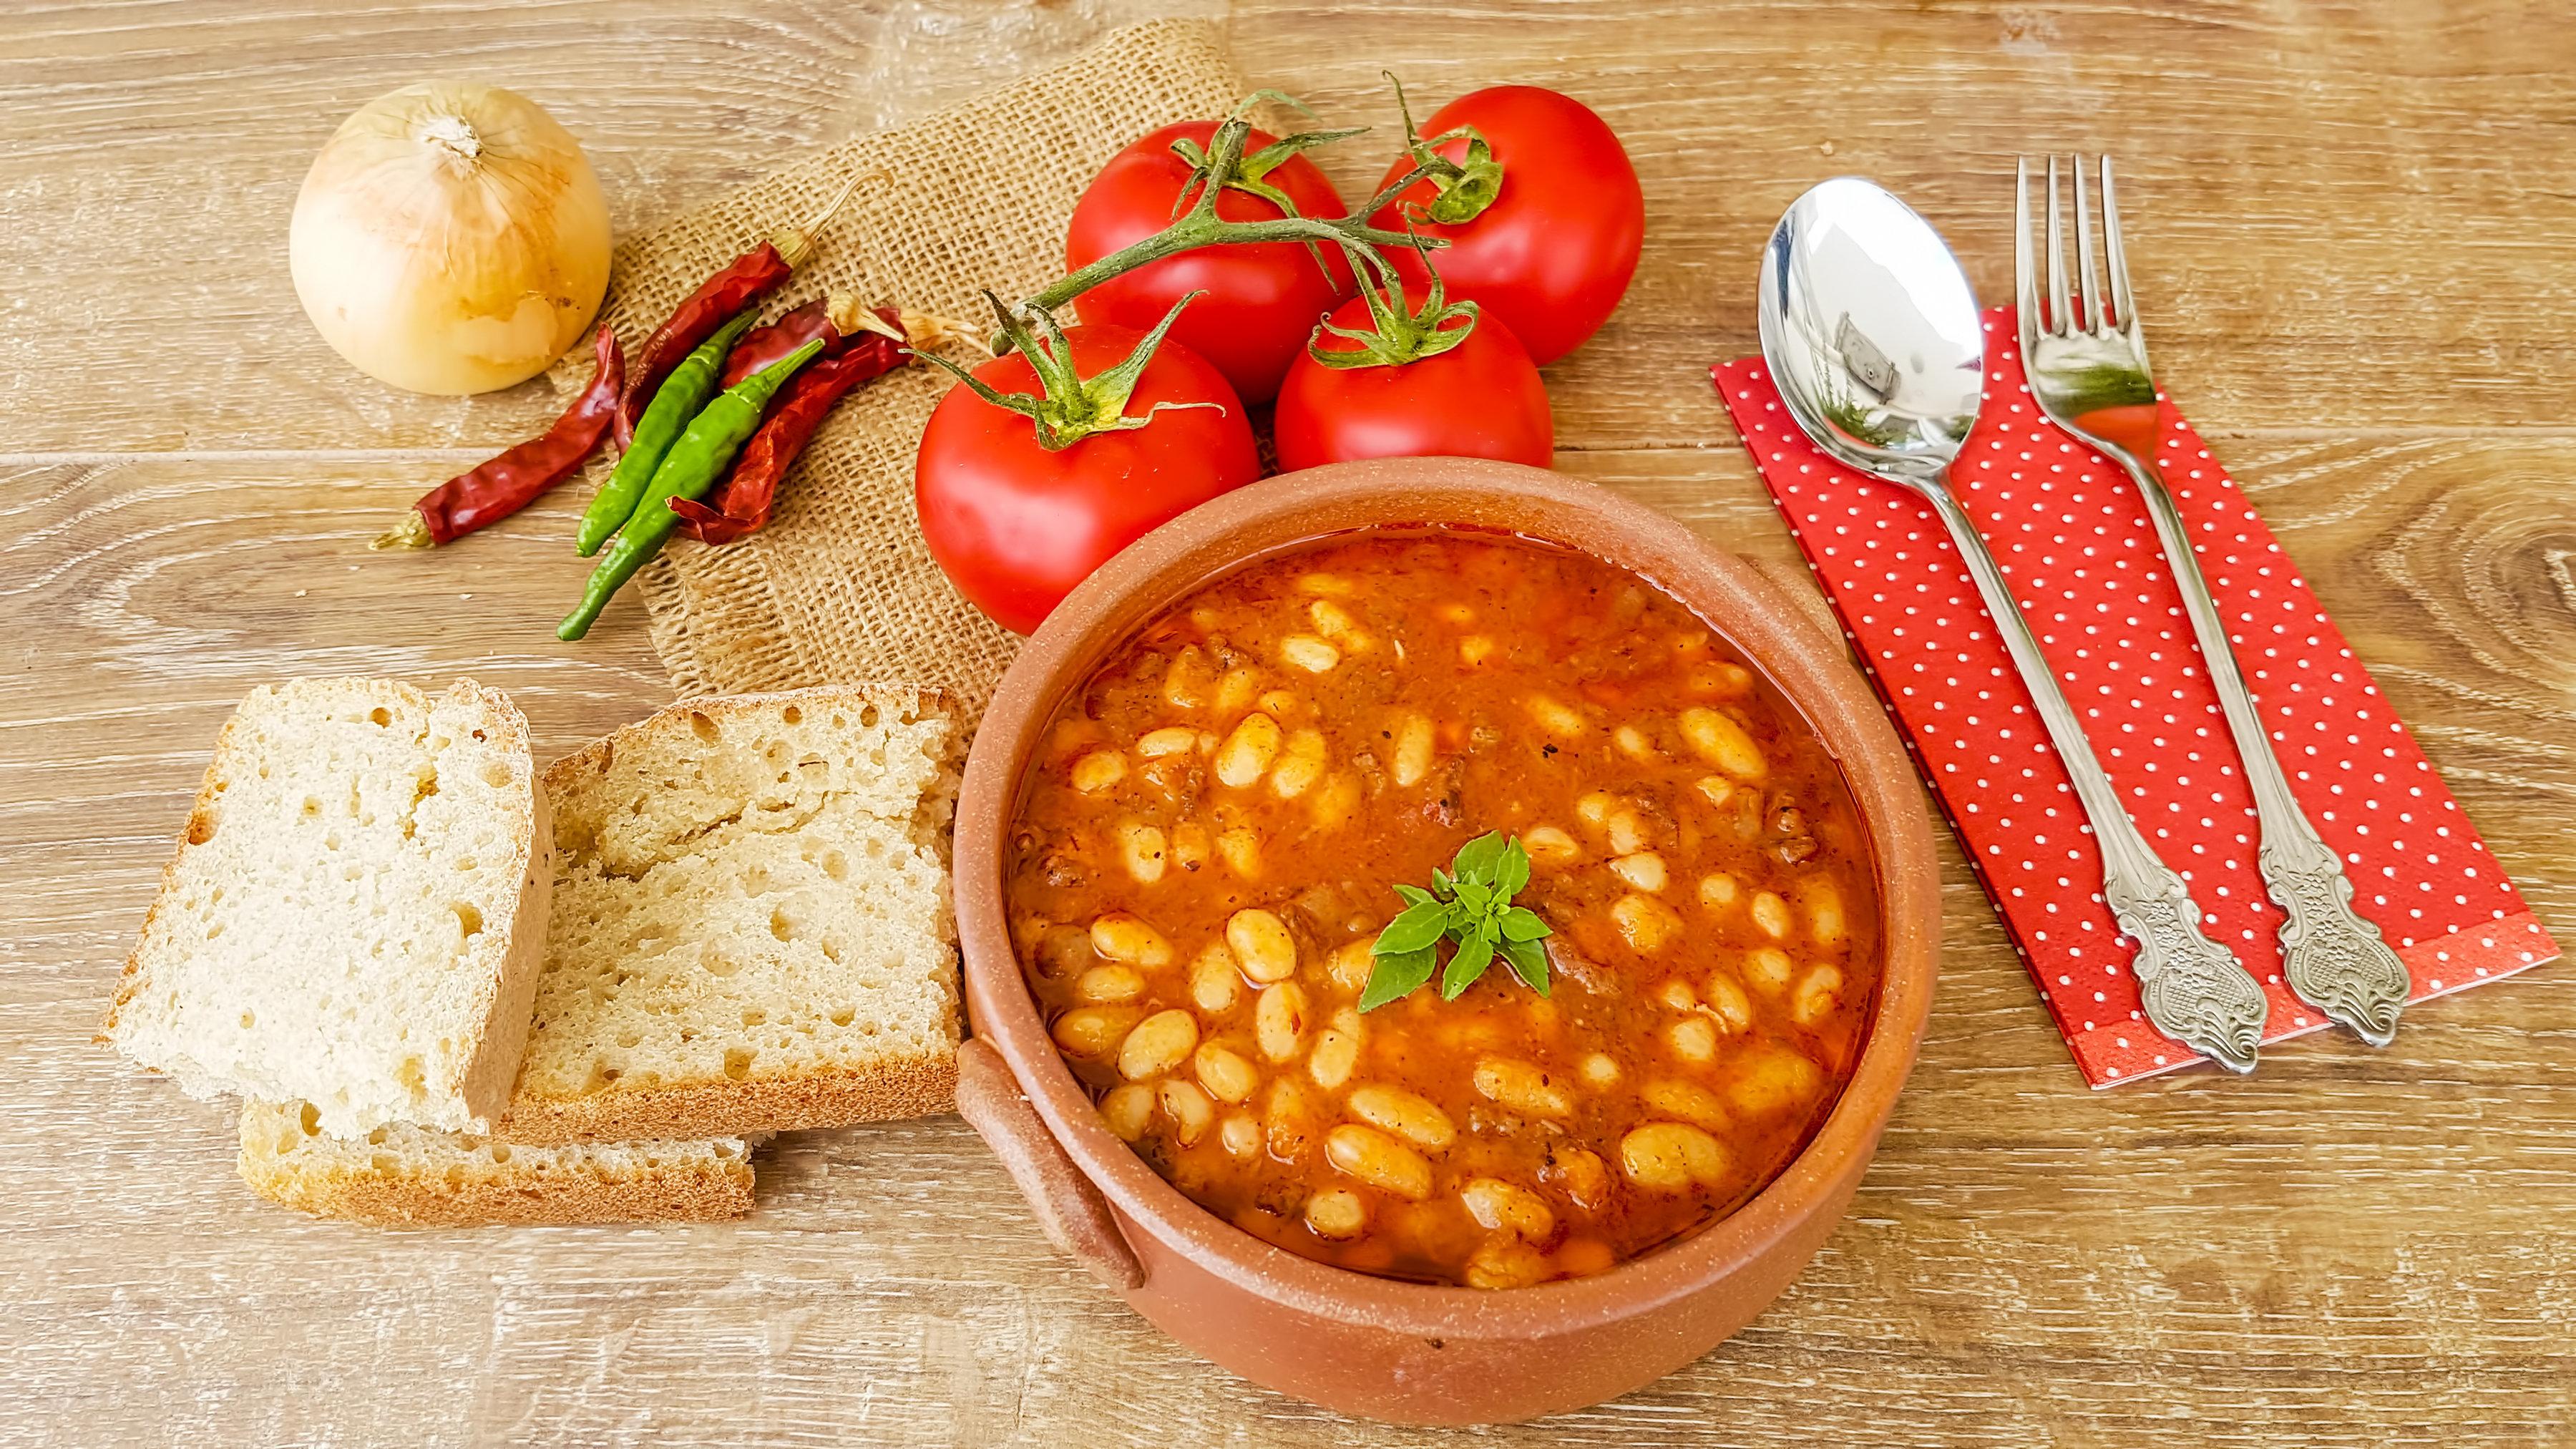 Μεσογειακή ή διεθνή κουζίνα. Τι τρώνε οι Έλληνες που εμπιστεύονται περισσότερο τη μαμά τους για τη διατροφή